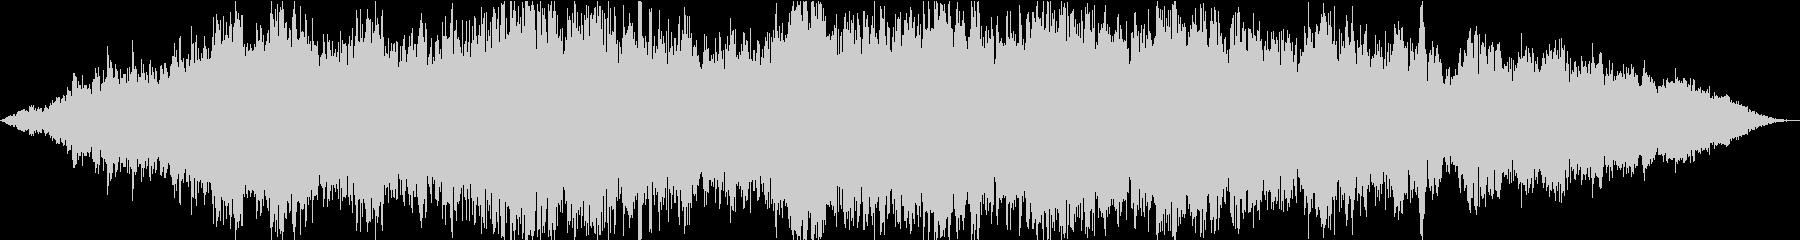 ドローン スペイン語01の未再生の波形